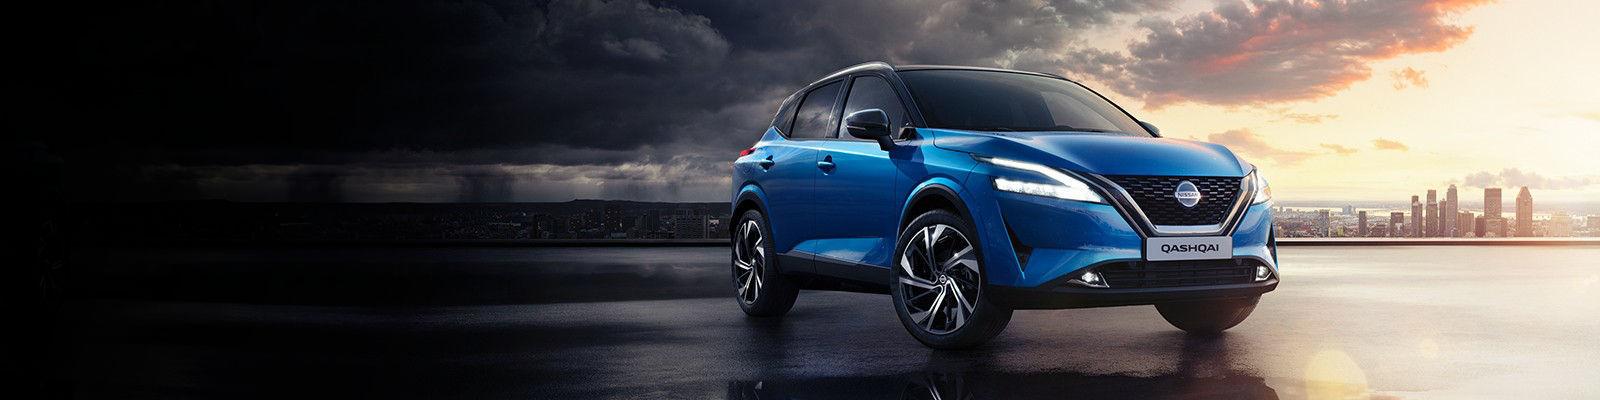 Roadshow nuevo Nissan Qashqai